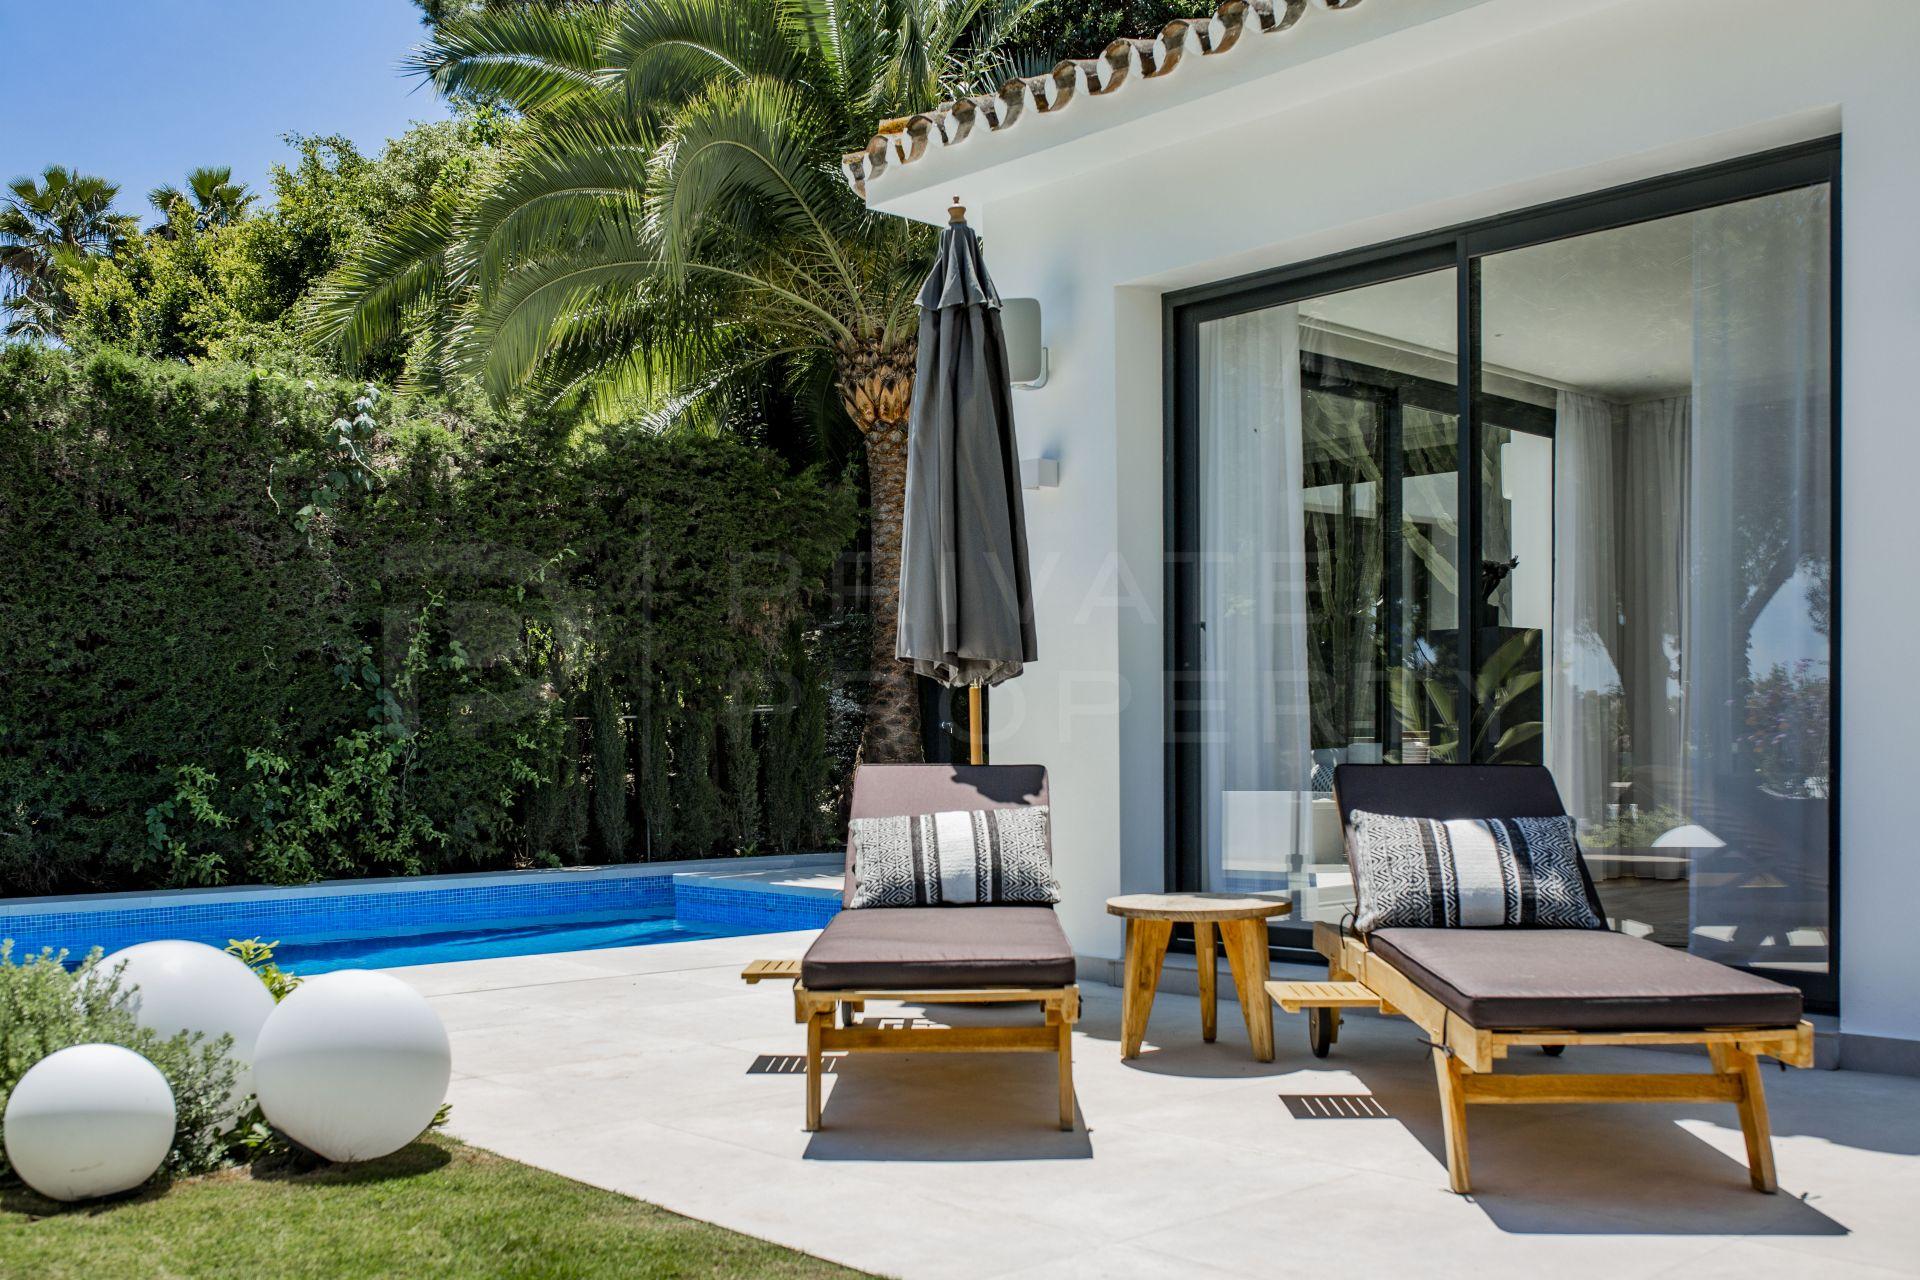 Beautifully villa in Las Brisas, Nueva Andalucia